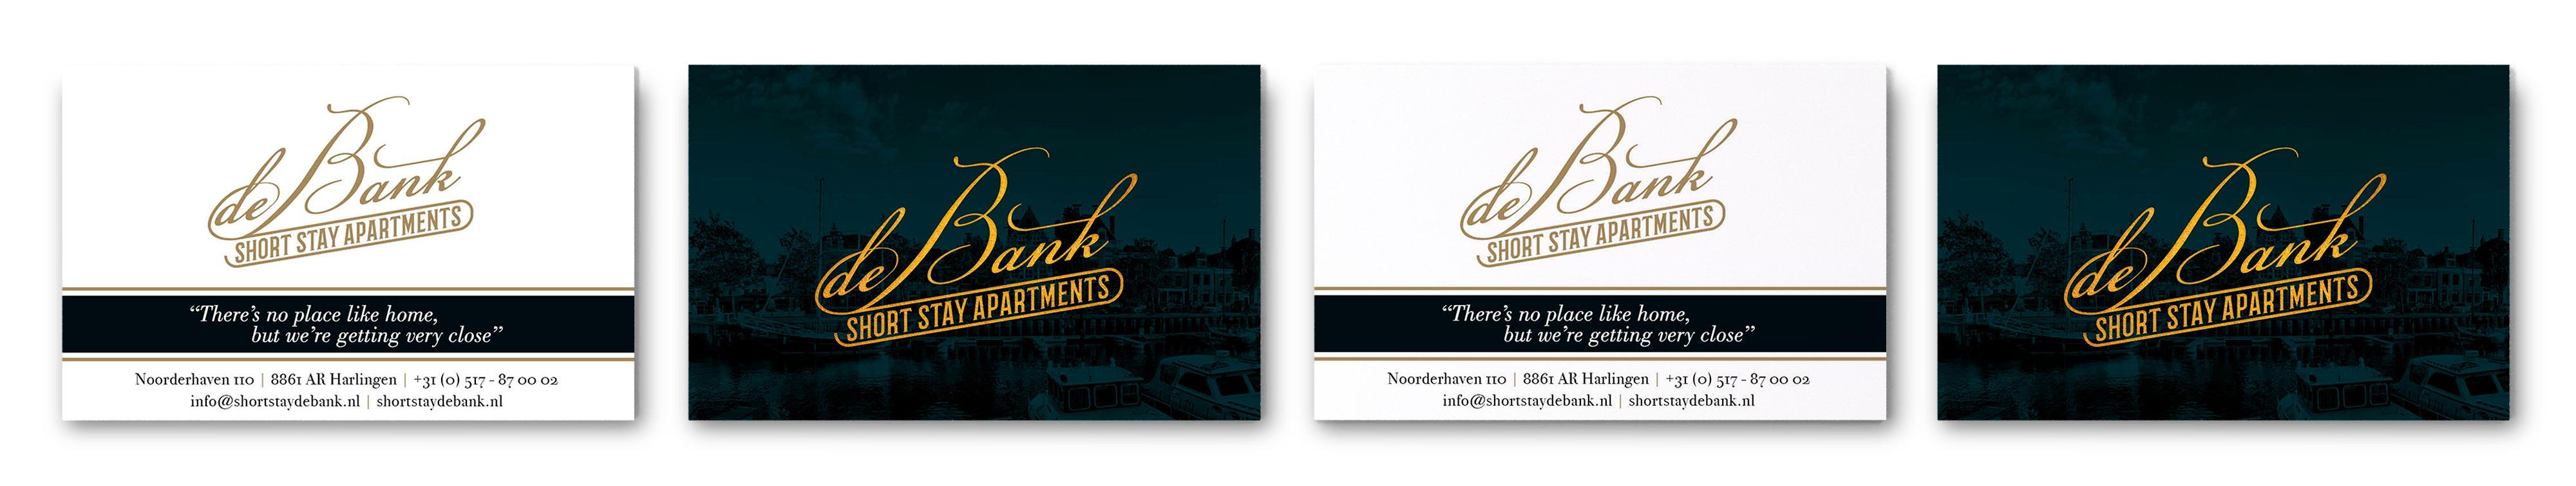 De-Bank_Visitekaartjes